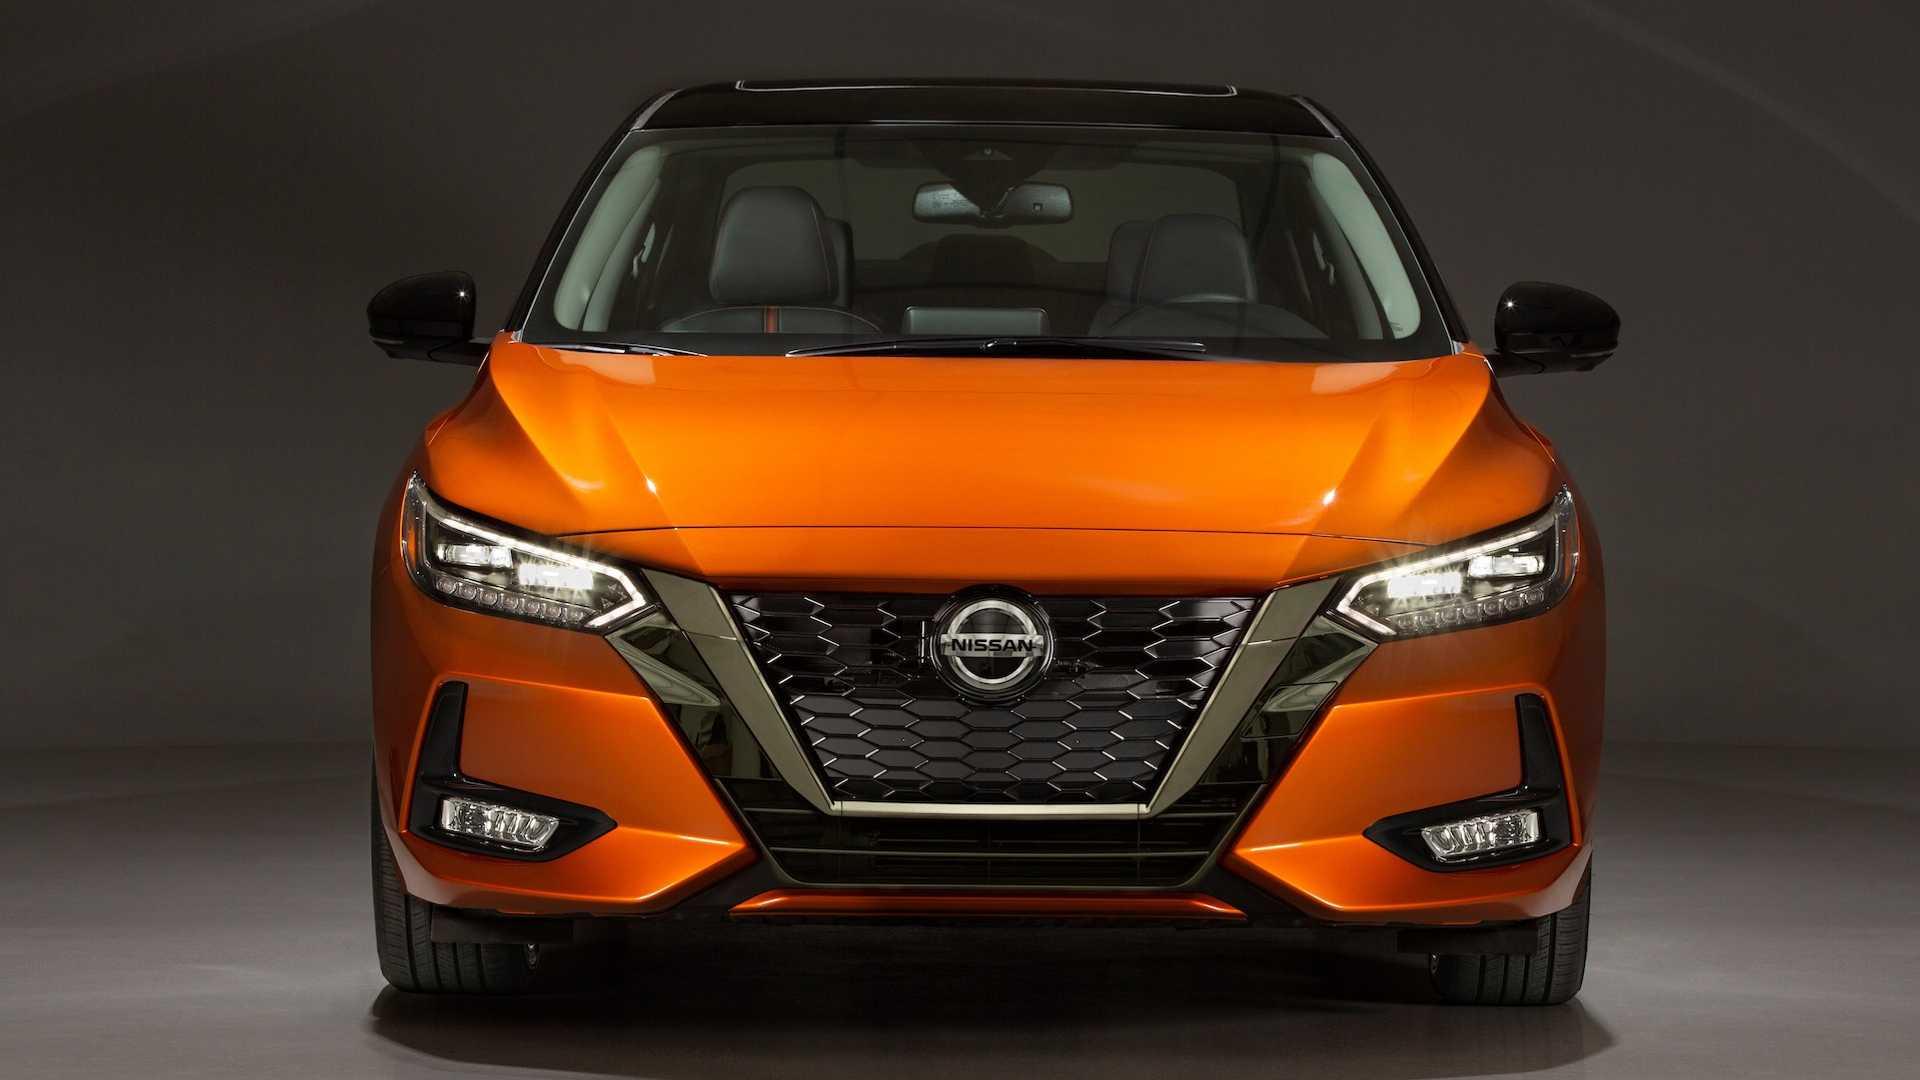 Nissan Sentra thế hệ mới đối đầu trực tiếp với Honda Civic hay Mazda3 - 30